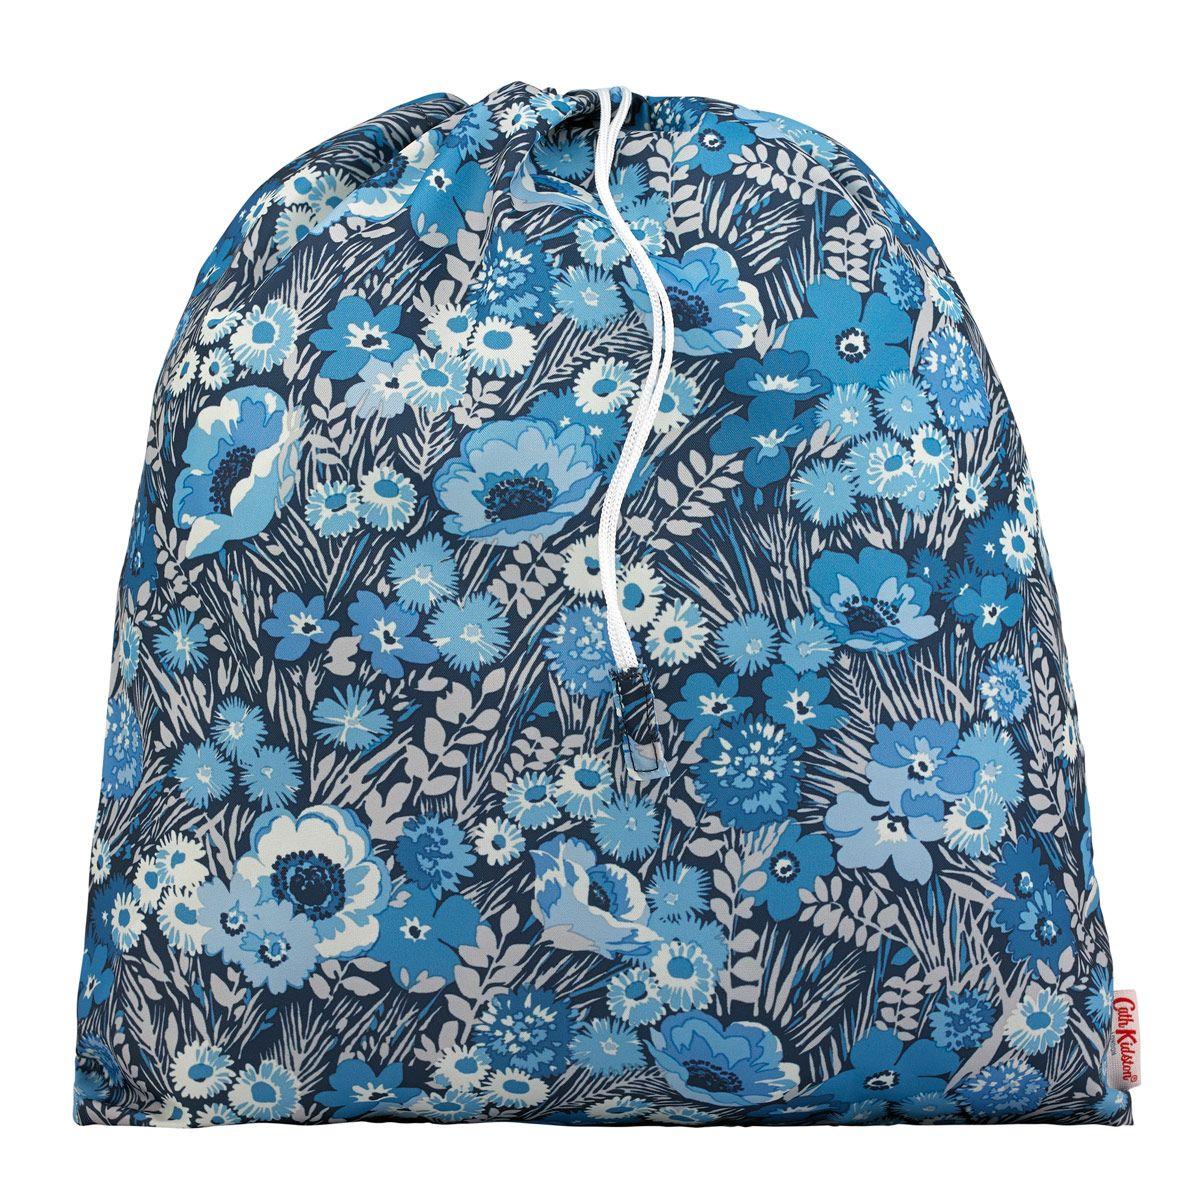 Winfield Flowers Shoe Bag